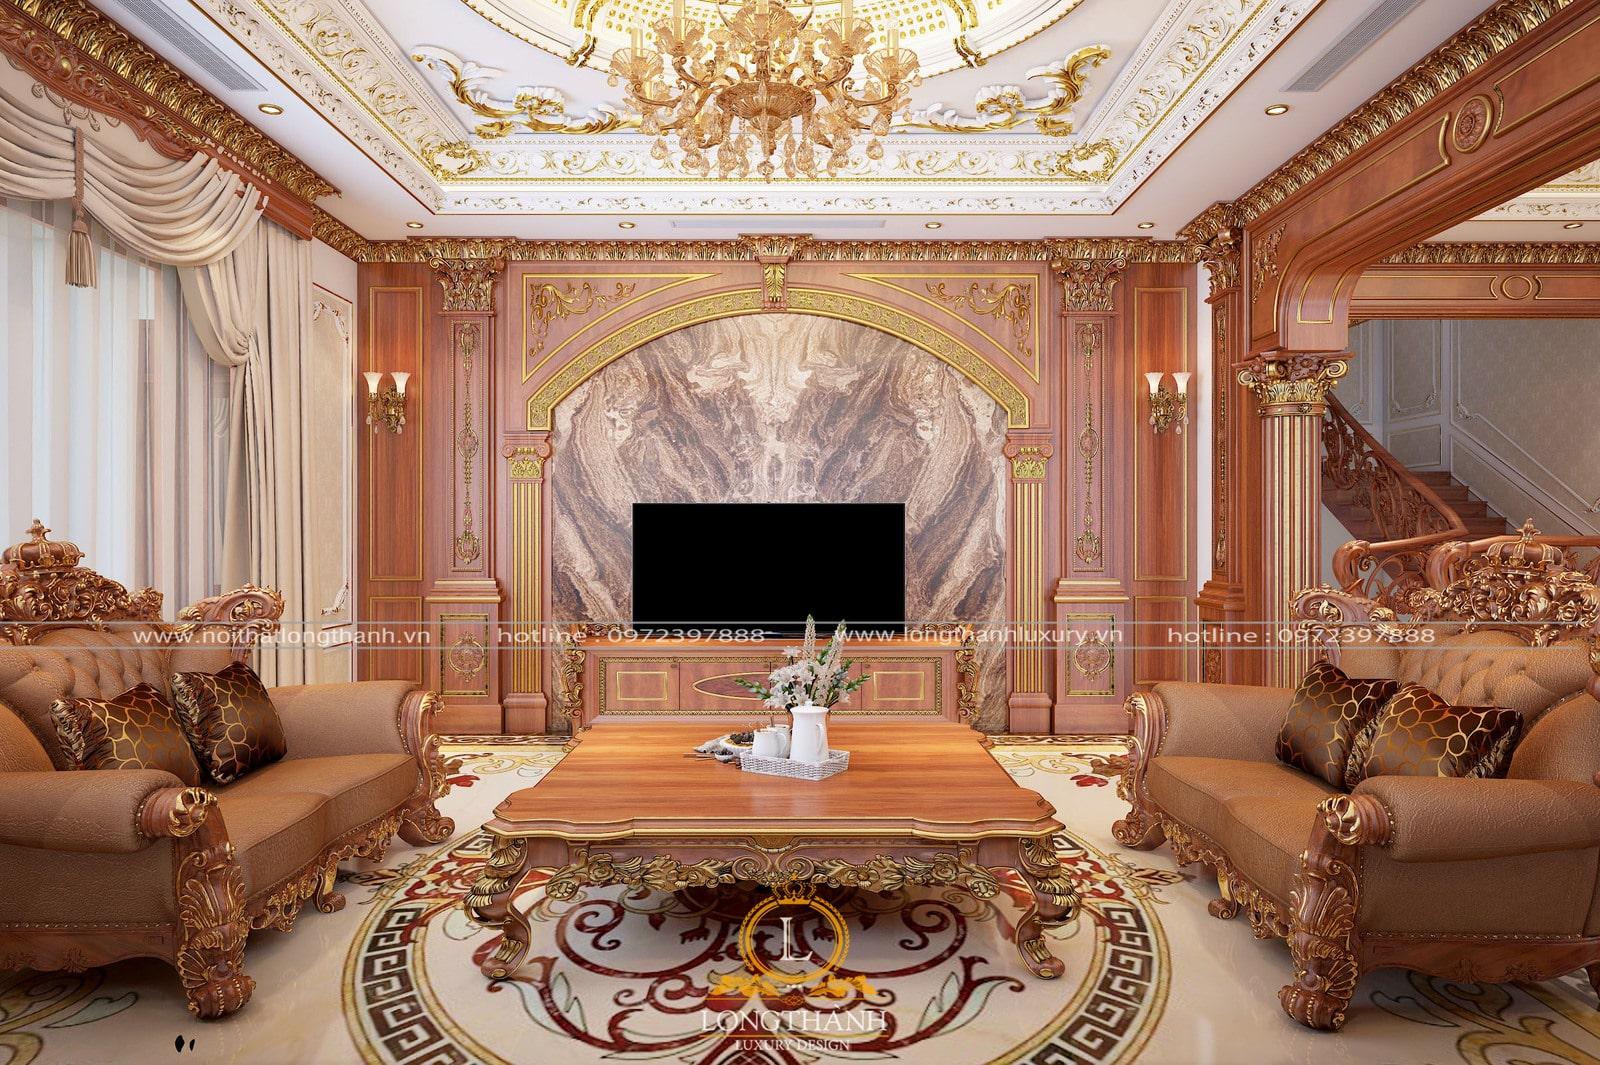 Đẹp - Sang trọng - Phong cách là những từ cần nói về sofa tân cổ điển